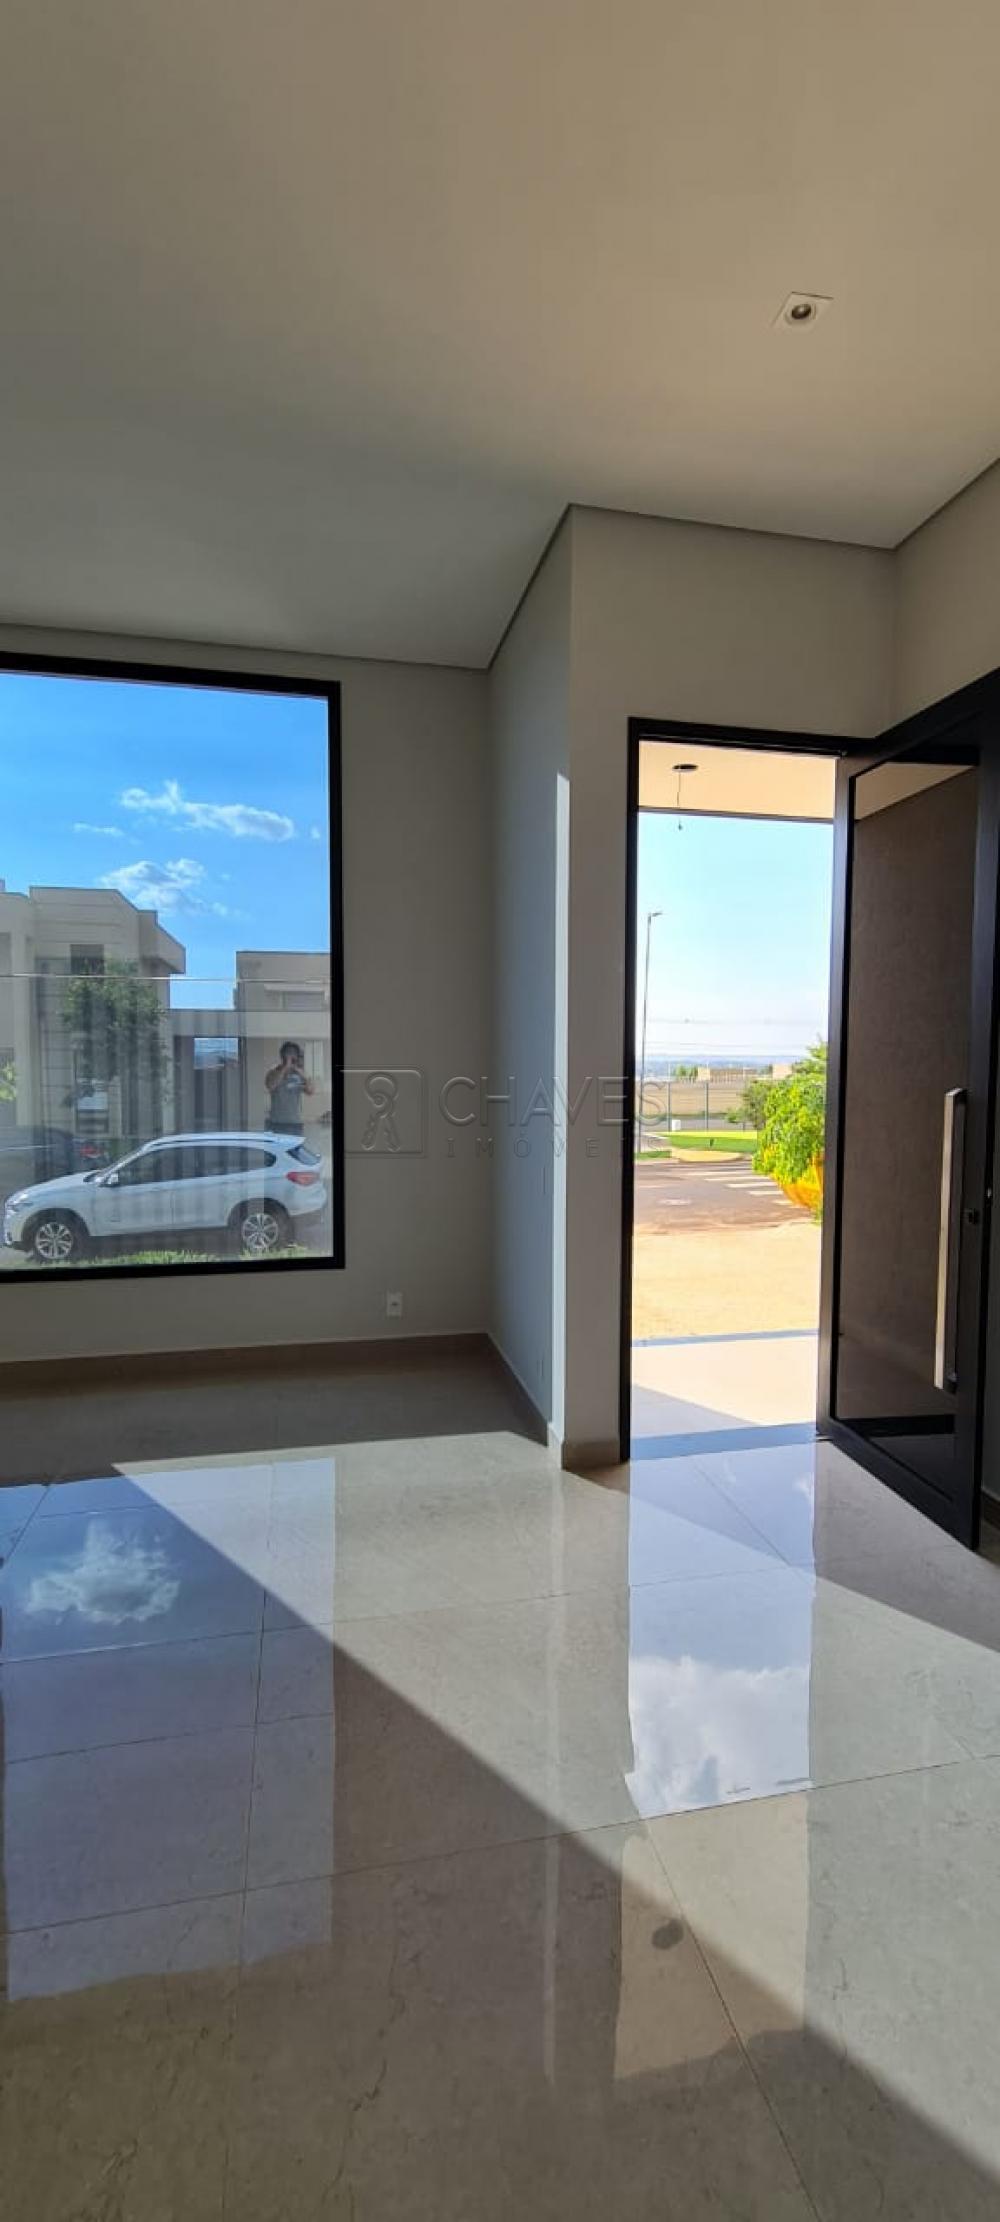 Comprar Casa / Condomínio em Ribeirão Preto apenas R$ 1.050.000,00 - Foto 6